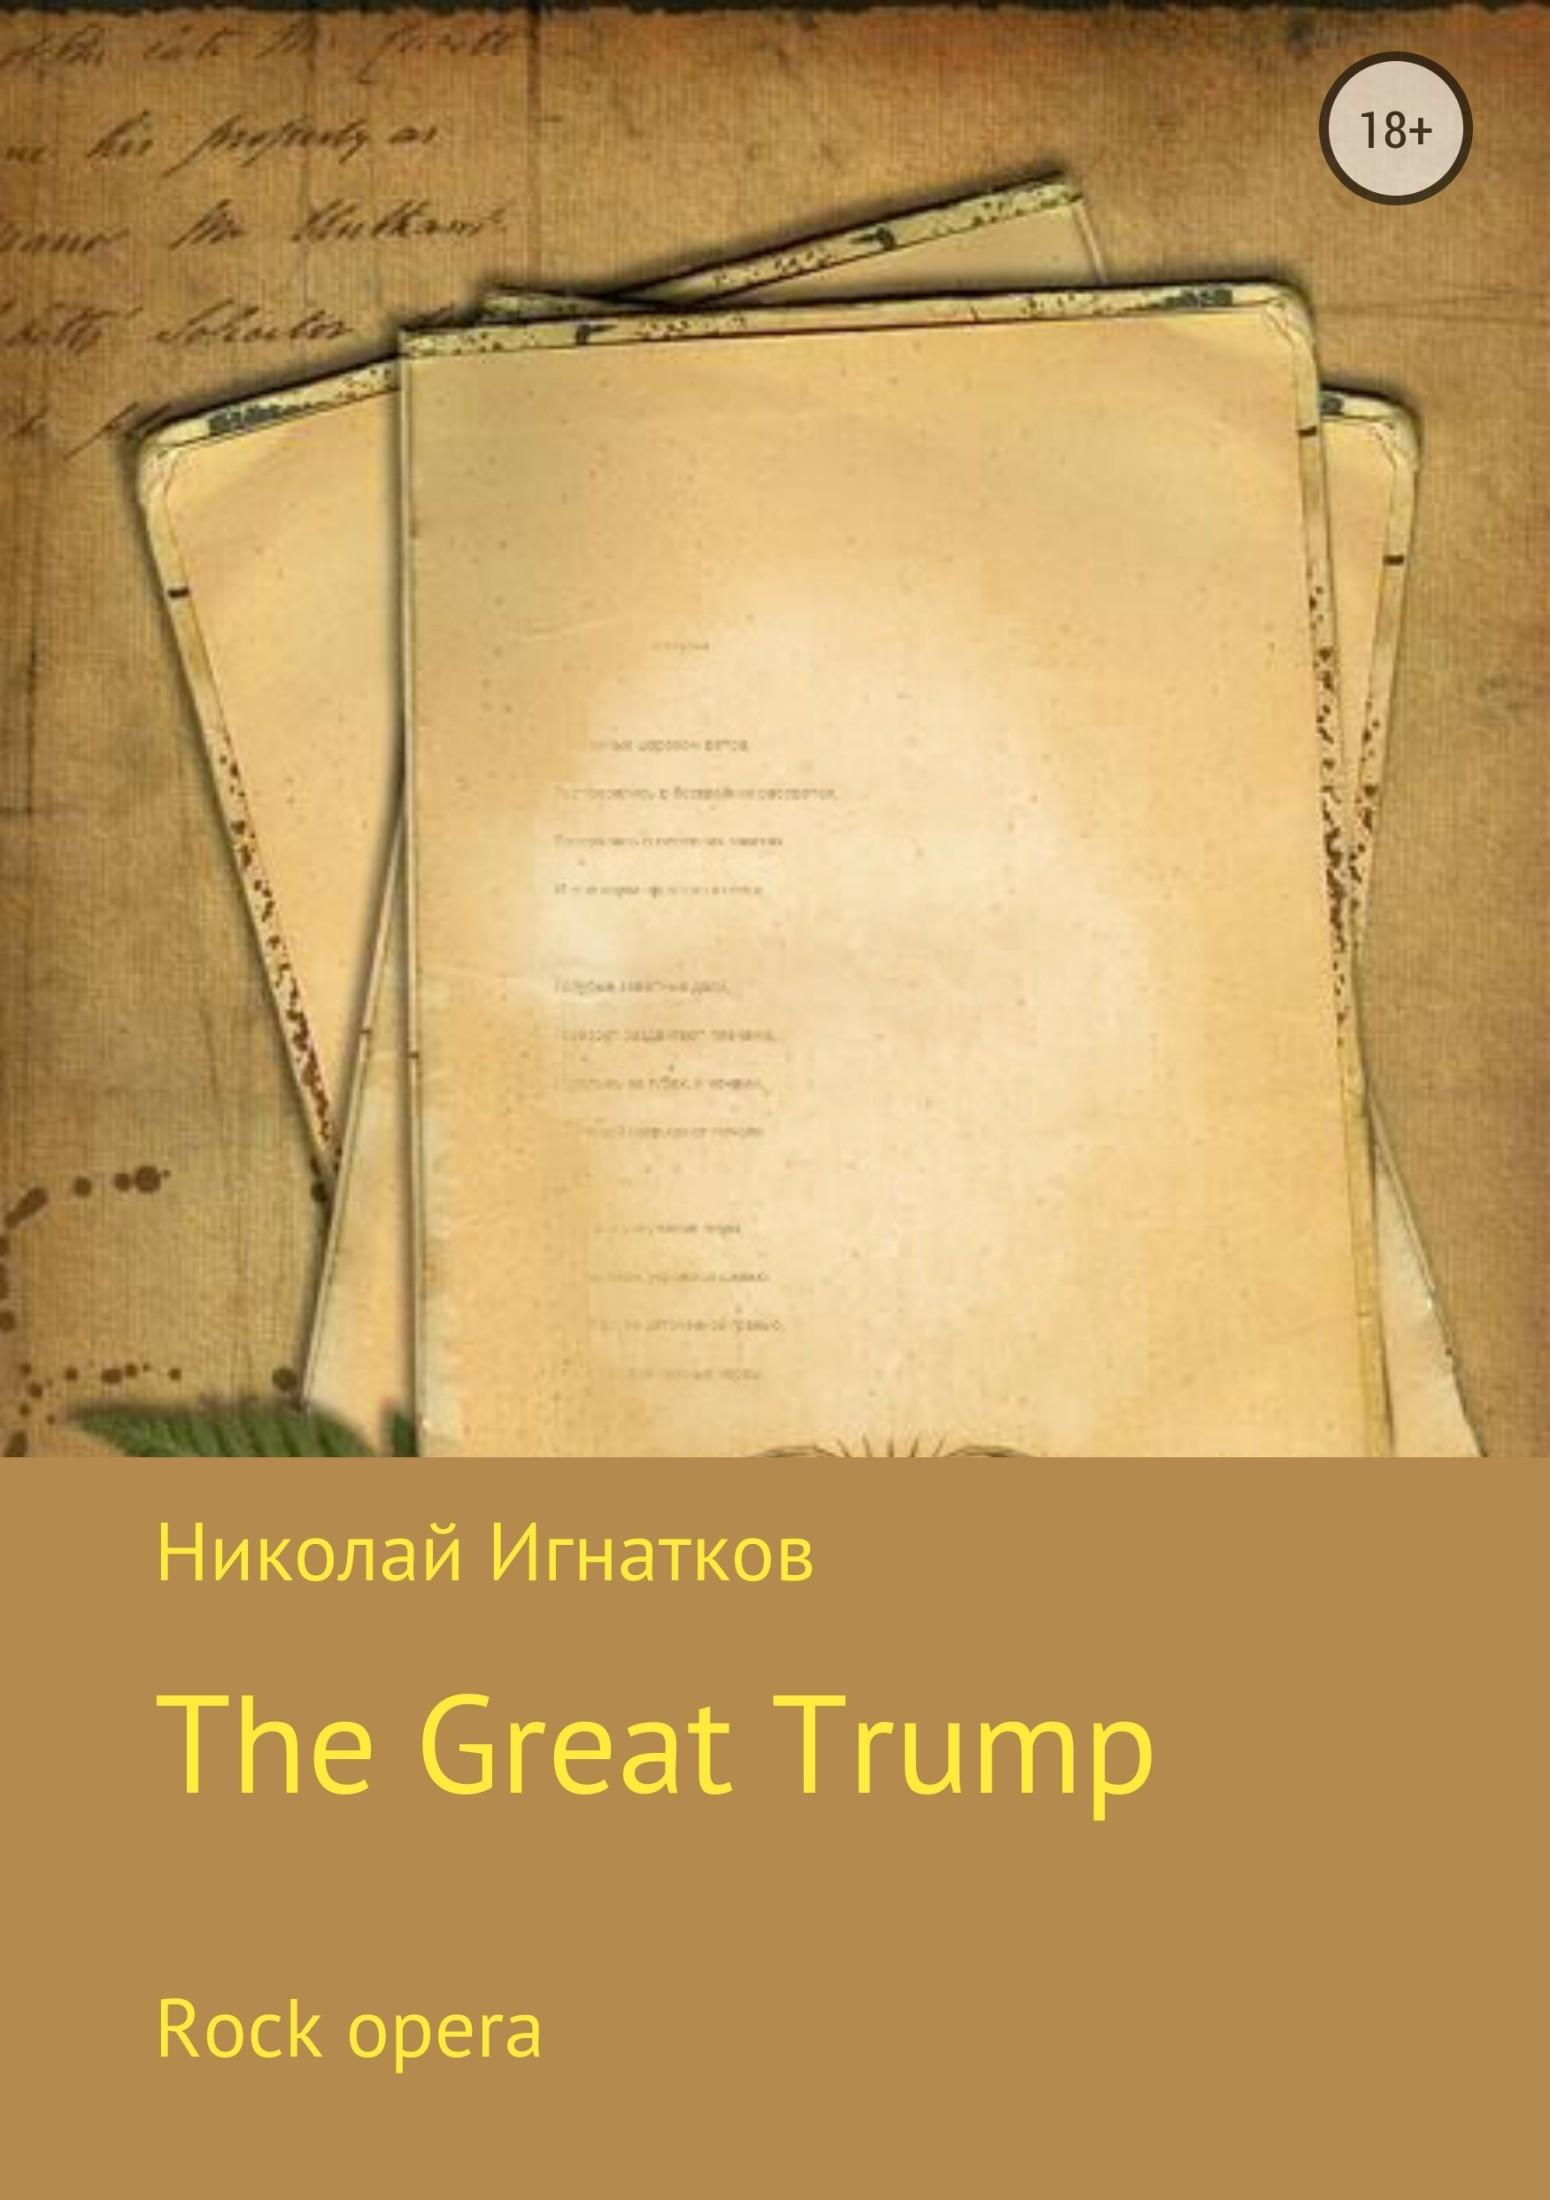 Великий Трамп. Рок-опера_Николай Викторович Игнатков